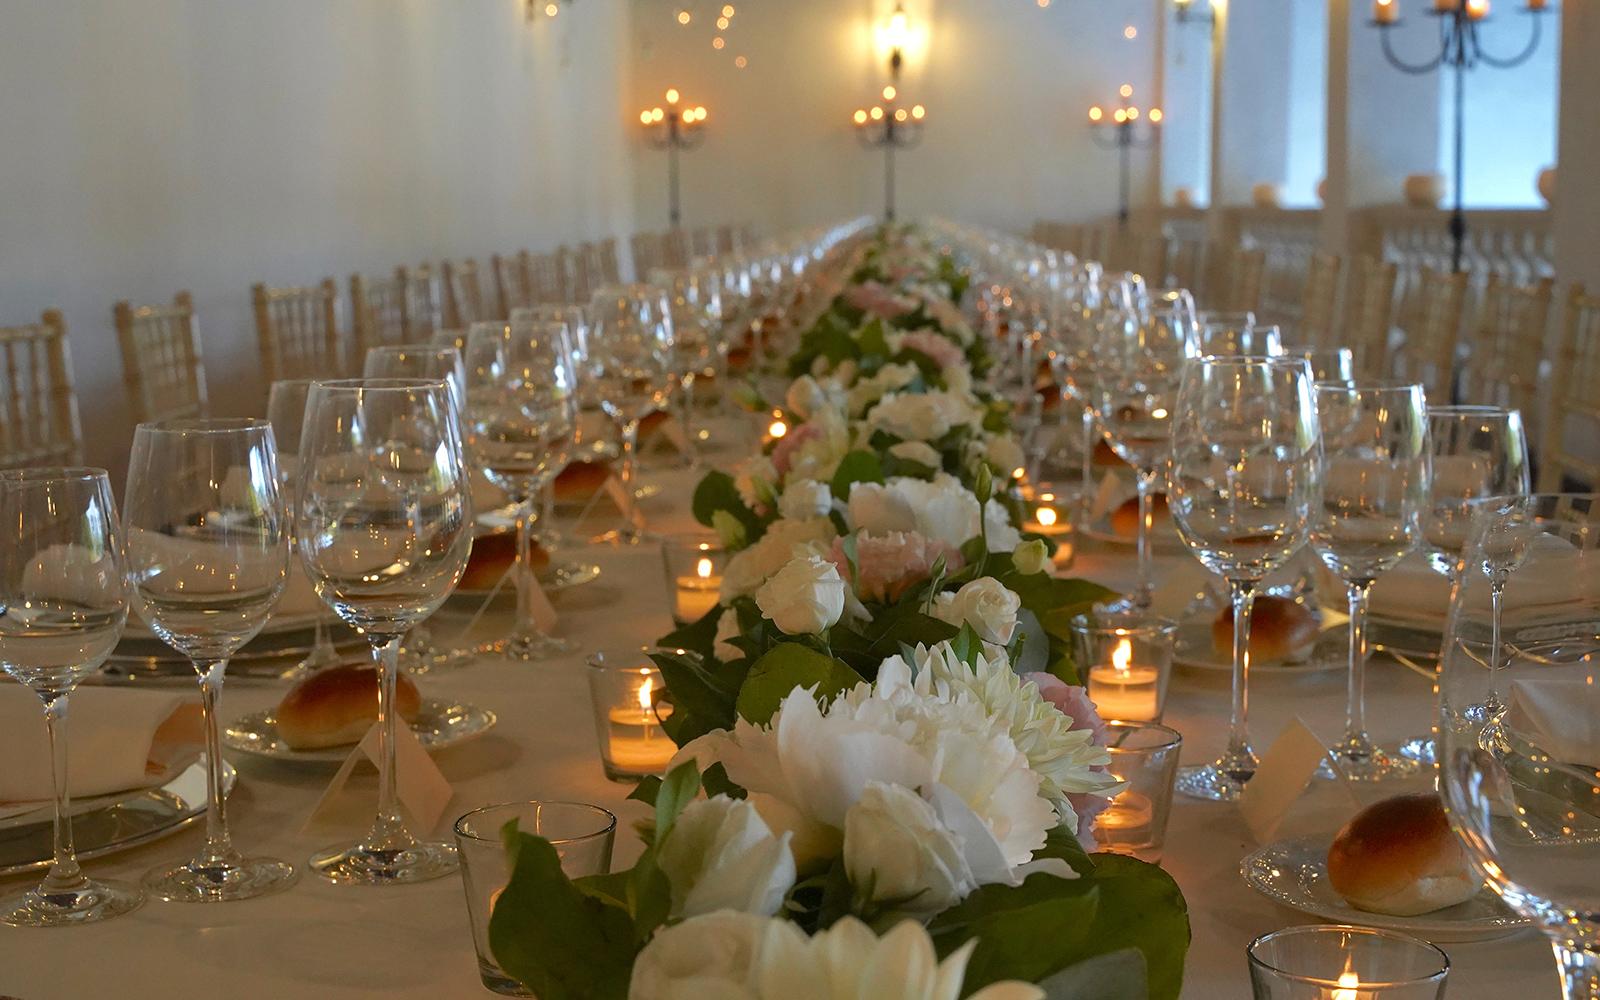 Vicenza ricevimento matrimonio,villa per eventi, villa per eventi Vicenza, ricevimento matrimoni Padova, Sala ricevimento matrimonio